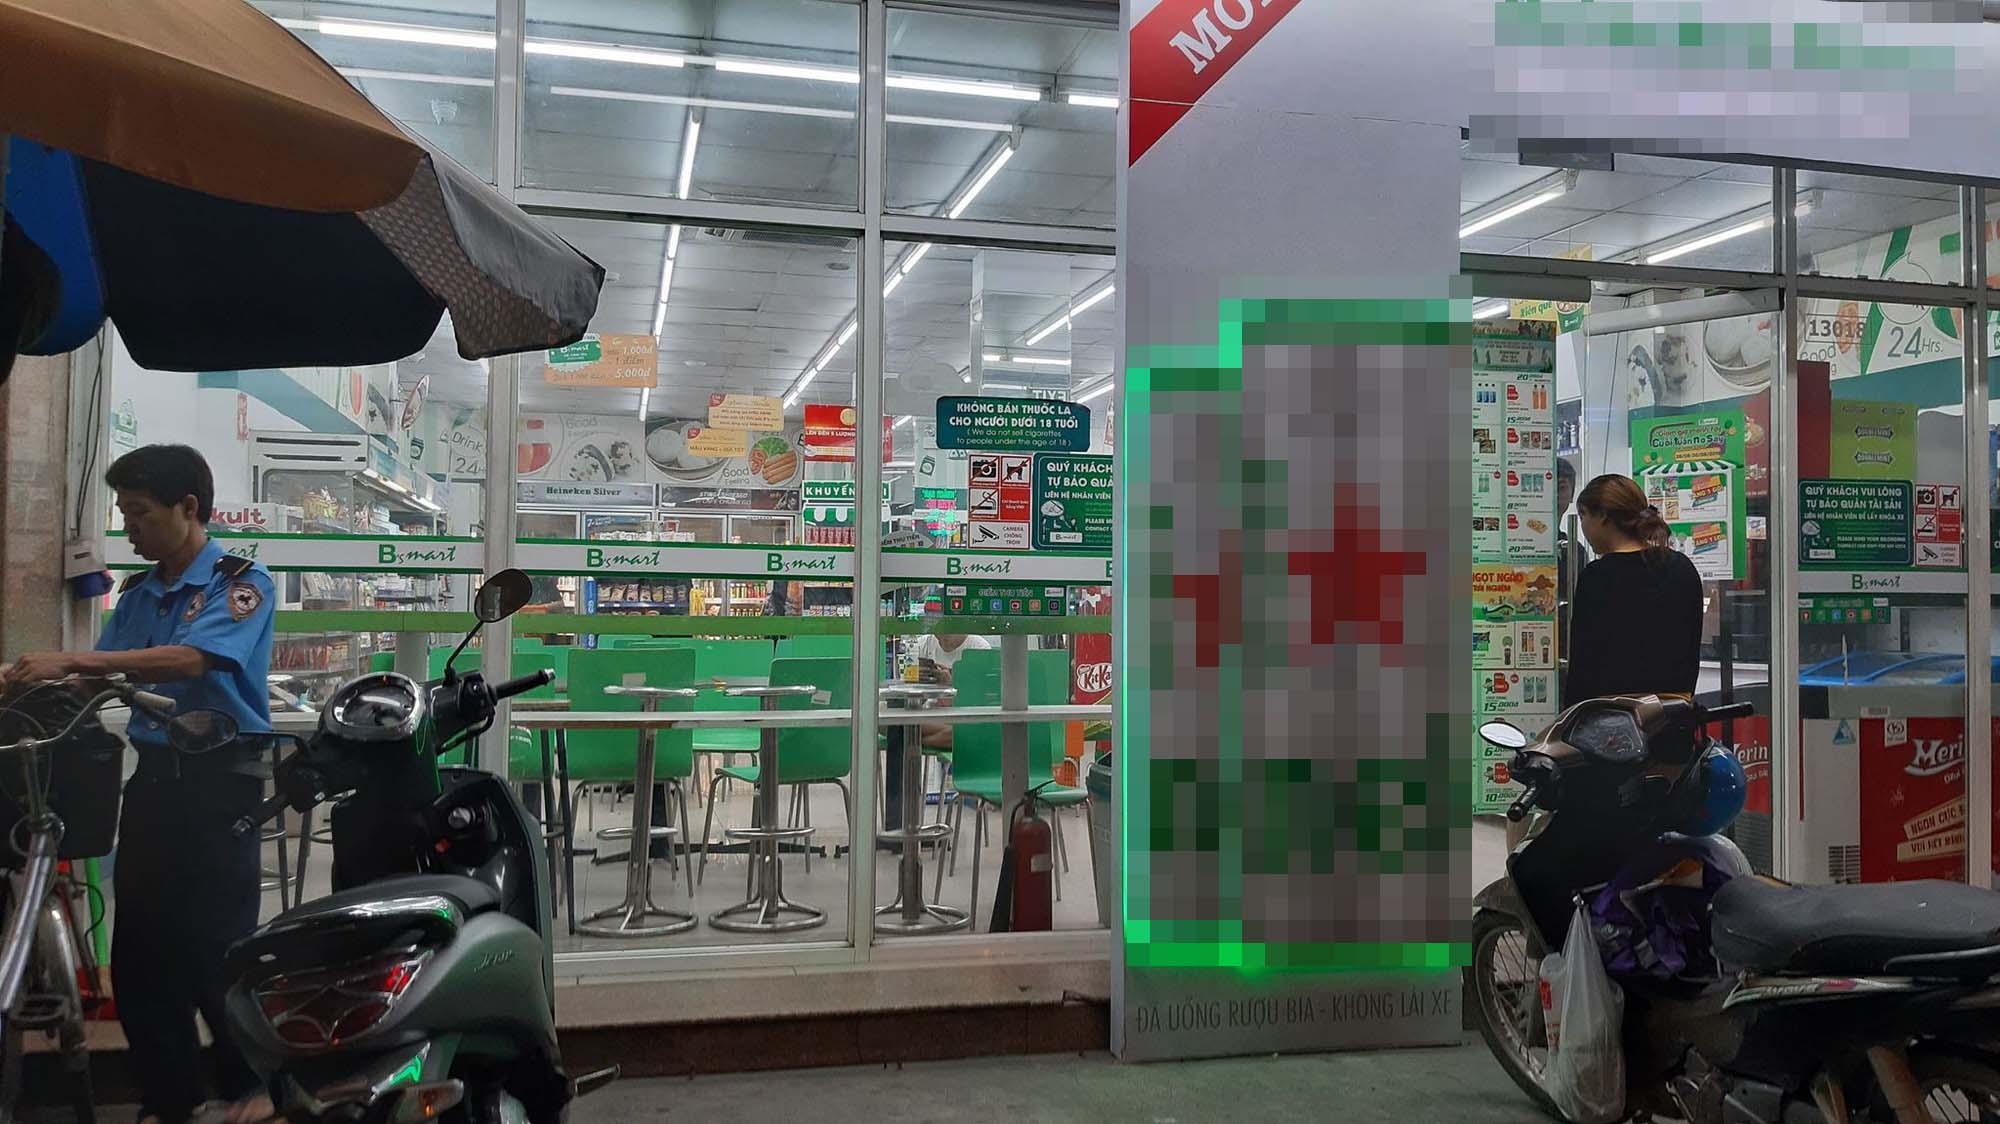 TP.HCM: Nhắc khách mua đồ quên tính tiền, bác bảo vệ cửa hàng tiện lợi bị đánh sưng mặt-1